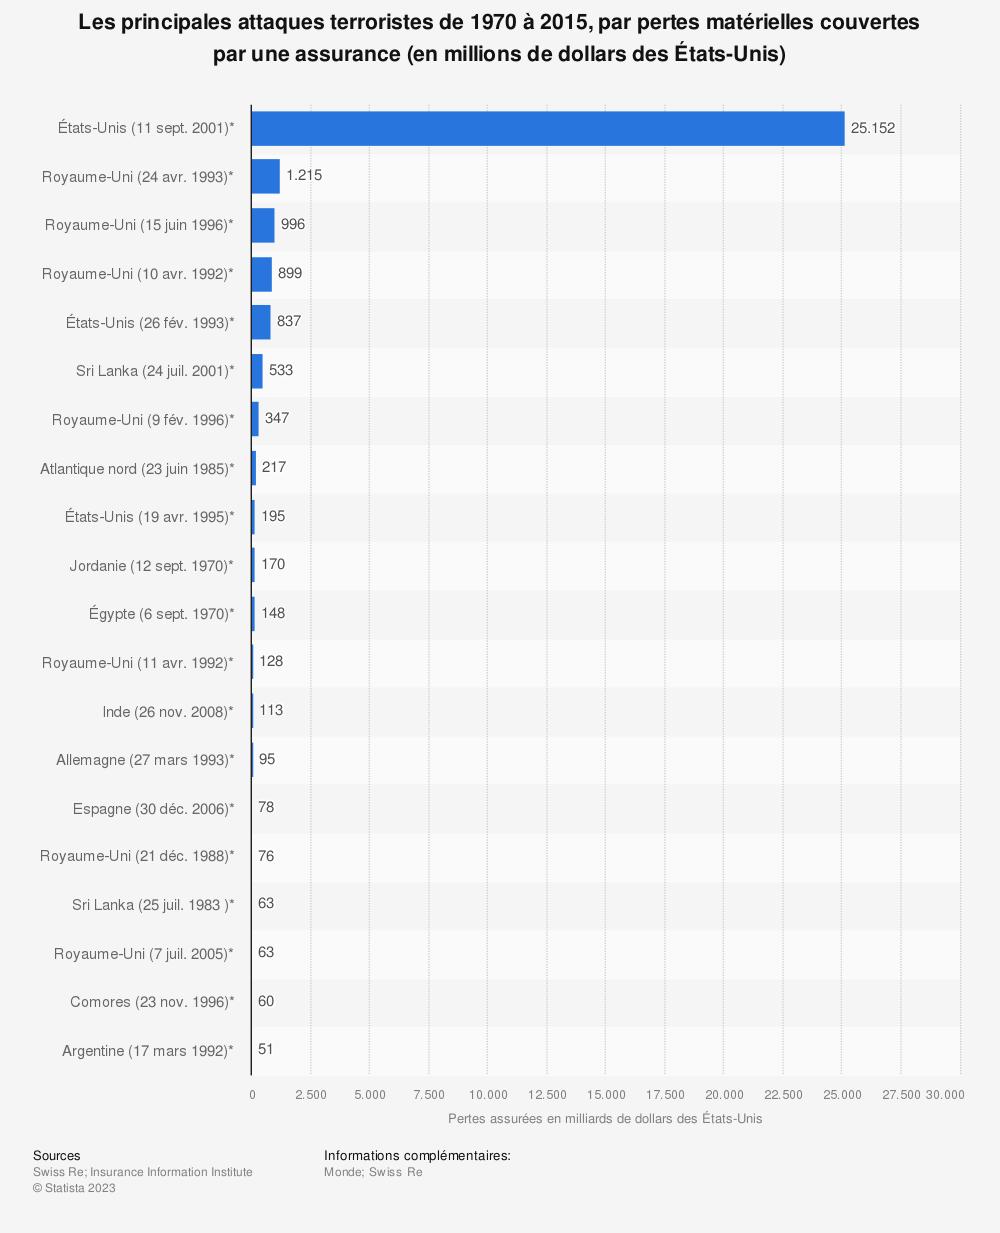 Statistique: Les principales attaques terroristes de 1970 à 2015, par pertes matérielles couvertes par une assurance (en millions de dollars des États-Unis) | Statista